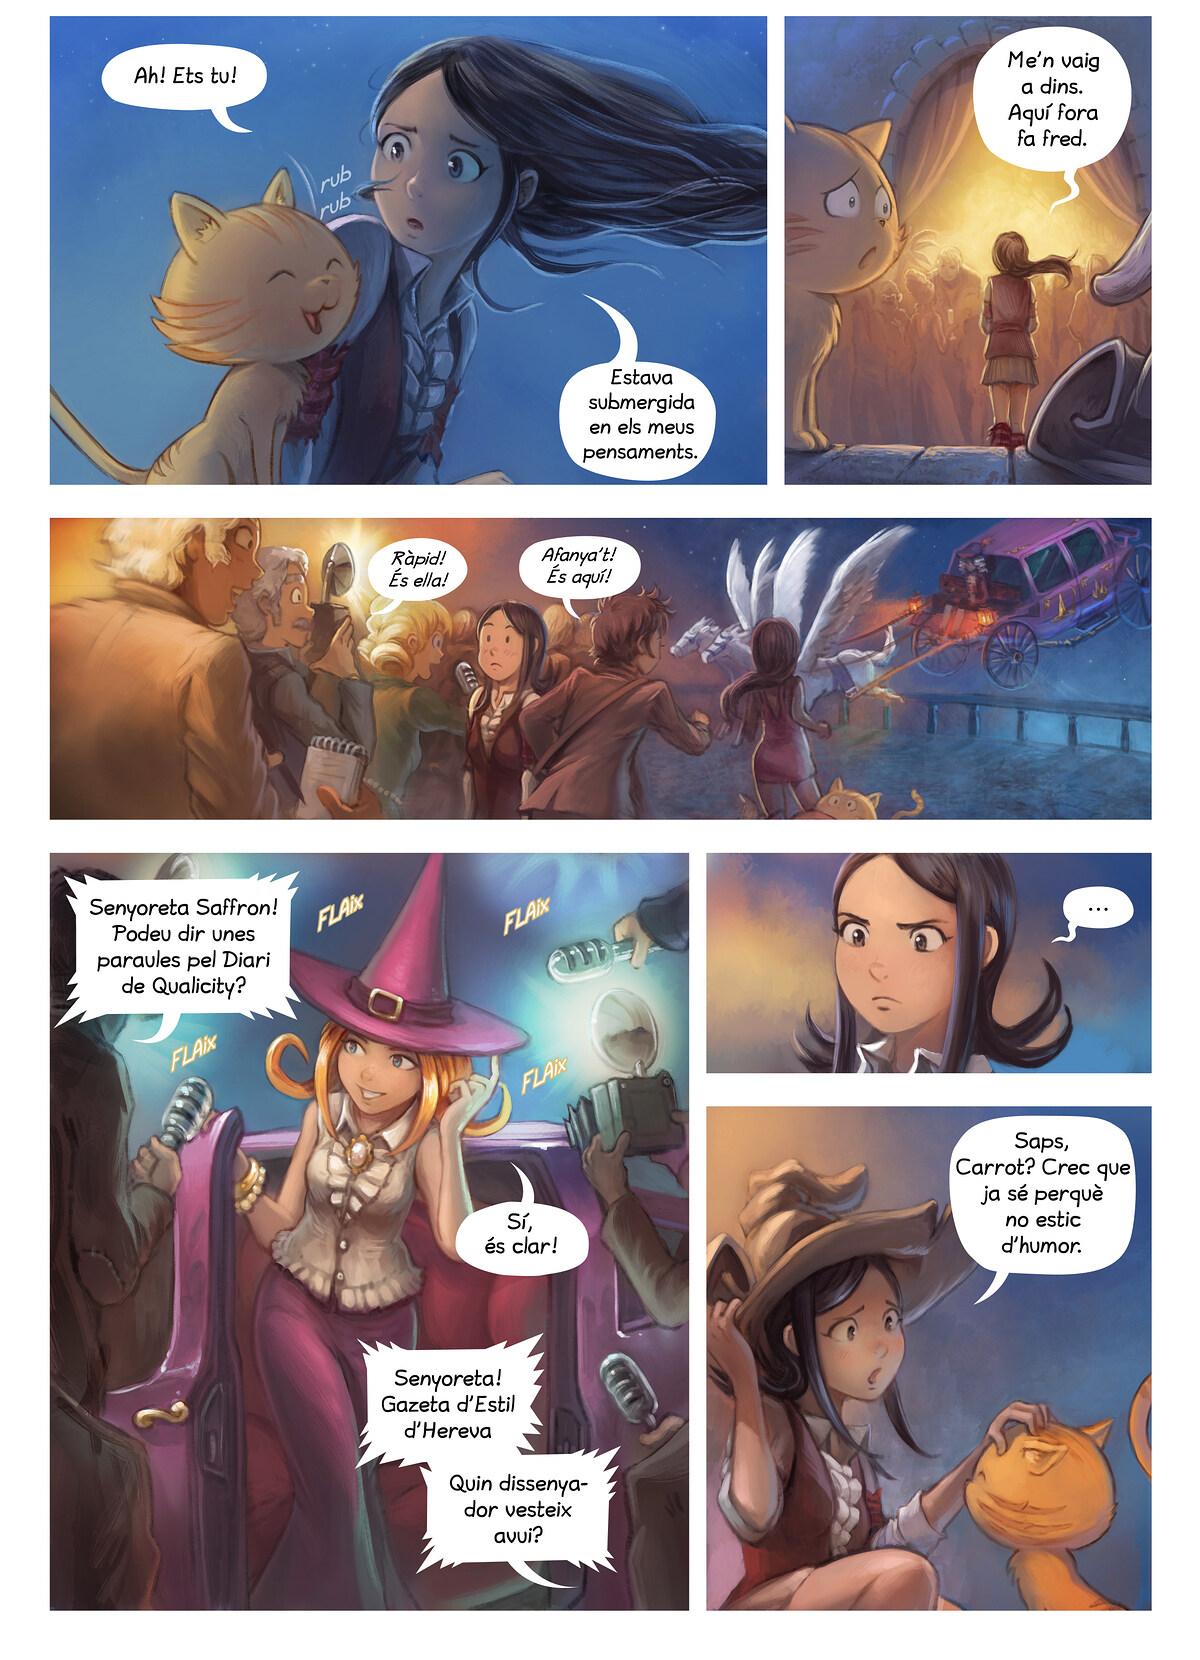 A webcomic page of Pepper&Carrot, episodi 28 [ca], pàgina 4